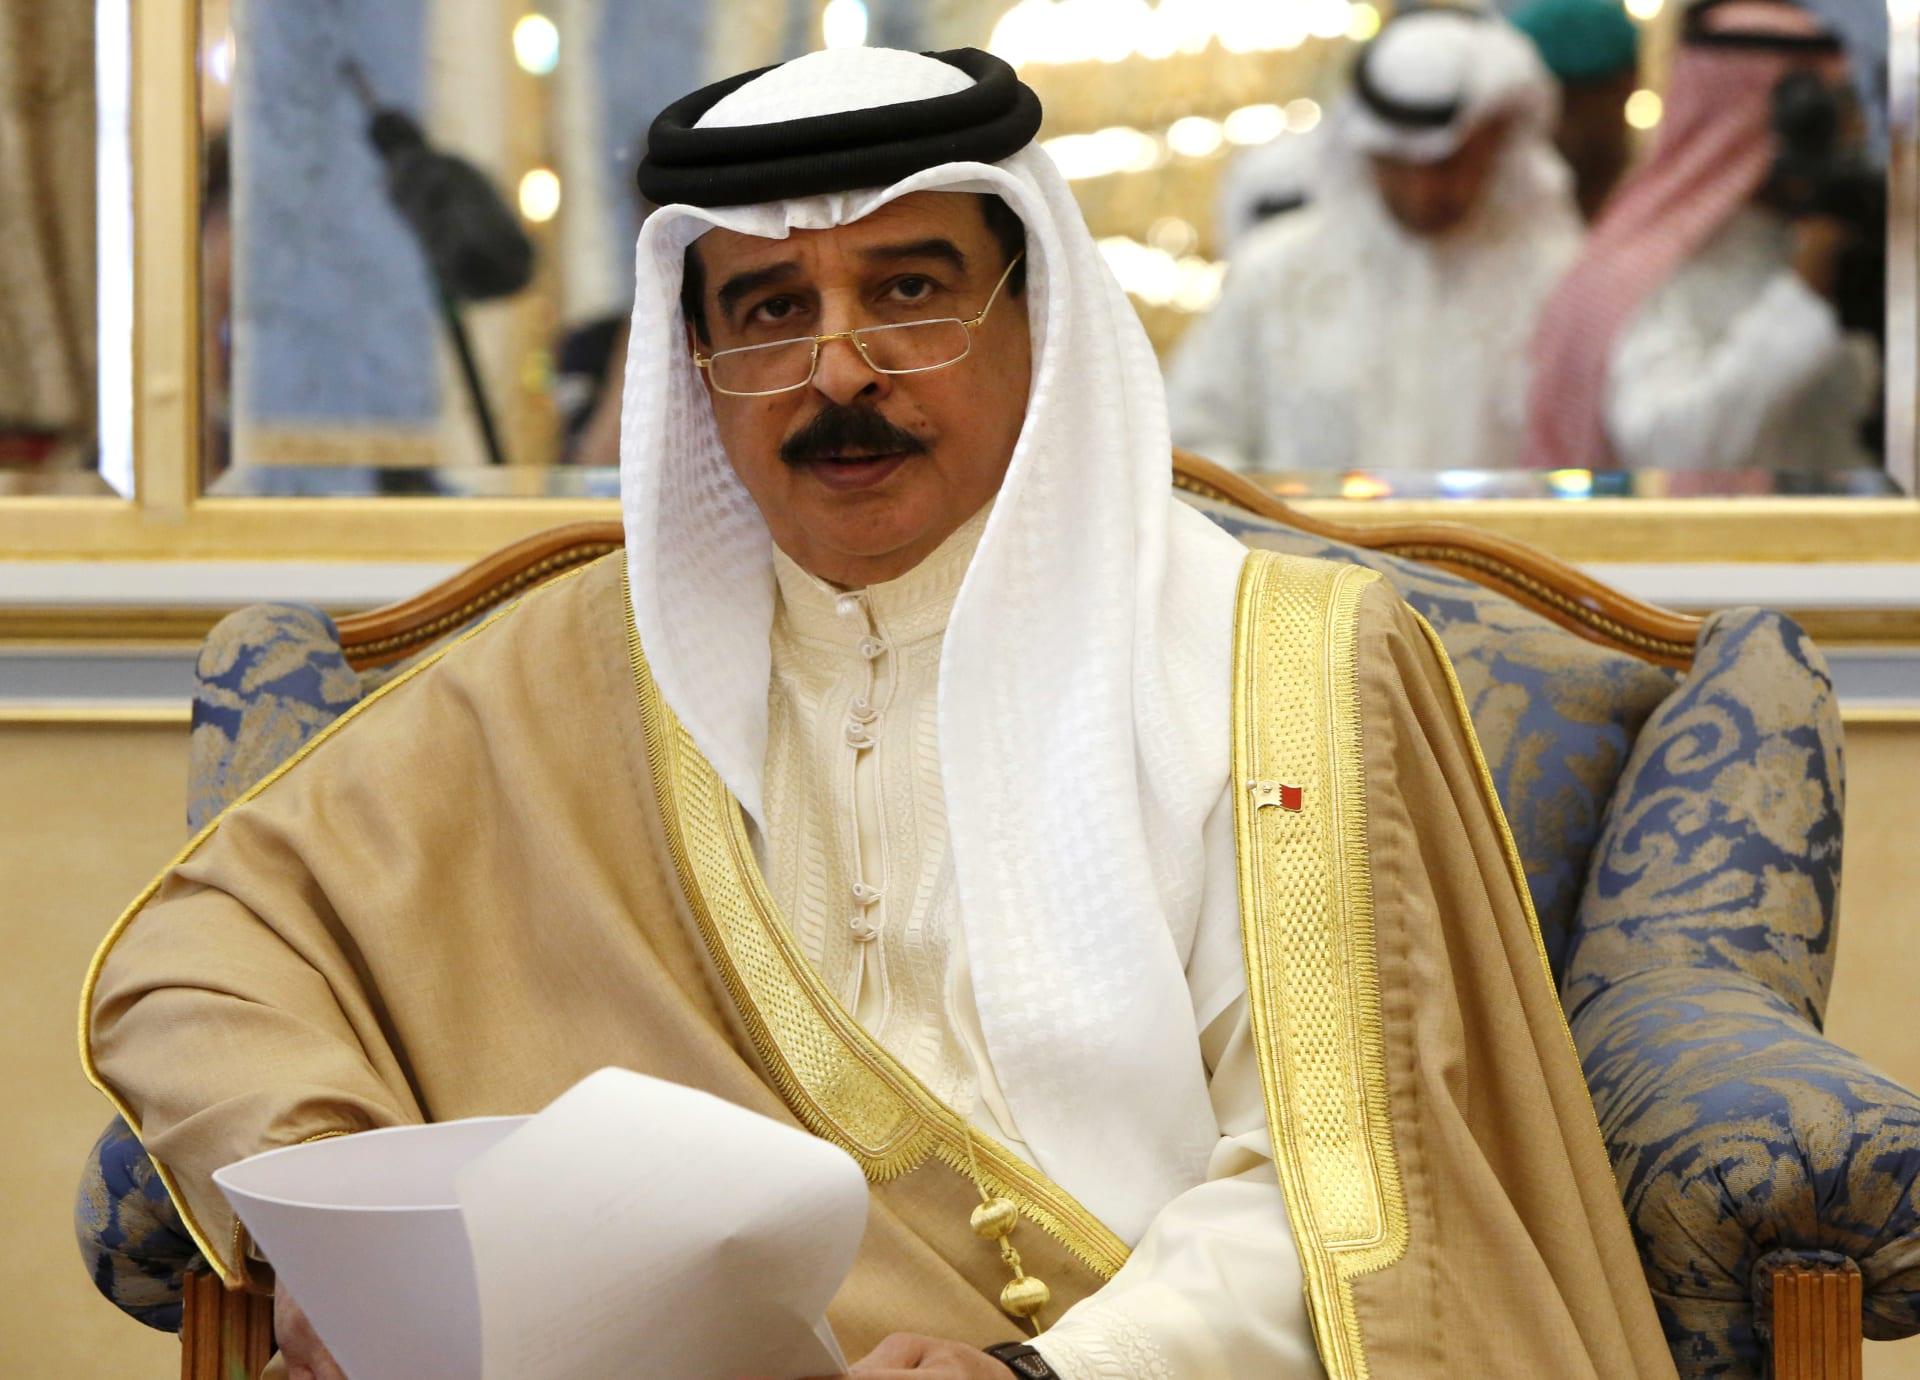 البحرين تقطع العلاقات مع قطر وتتهمها بدعم الإرهاب والعمل لإسقاط نظامها